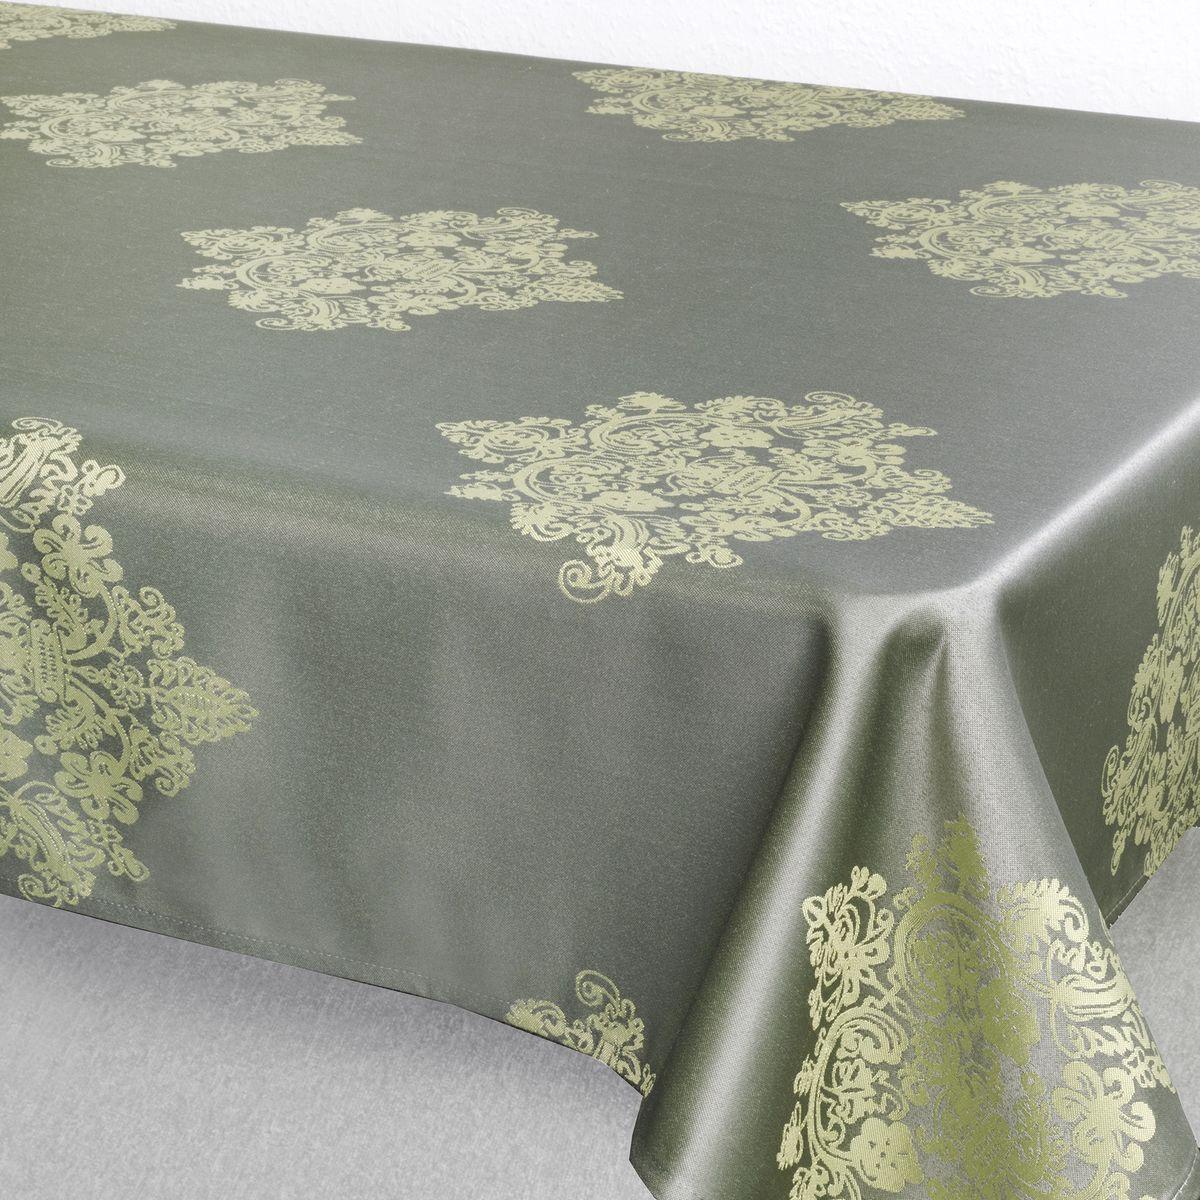 Скатерть Schaefer, прямоугольная, цвет: серый, 130 х 160 см. 07810-4271со4461-22Стильная скатерть Schaefer выполнена из полиэстера.Изделия из полиэстера легко стирать: они не мнутся, не садятся и быстро сохнут, они более долговечны, чем изделия из натуральных волокон.Немецкая компания Schaefer создана в 1921 году. На протяжении всего времени существования она создает уникальные коллекции домашнего текстиля для гостиных, спален, кухонь и ванных комнат. Дизайнерские идеи немецких художников компании Schaefer воплощаются в текстильных изделиях, которые сделают ваш дом красивее и уютнее и не останутся незамеченными вашими гостями. Дарите себе и близким красоту каждый день!